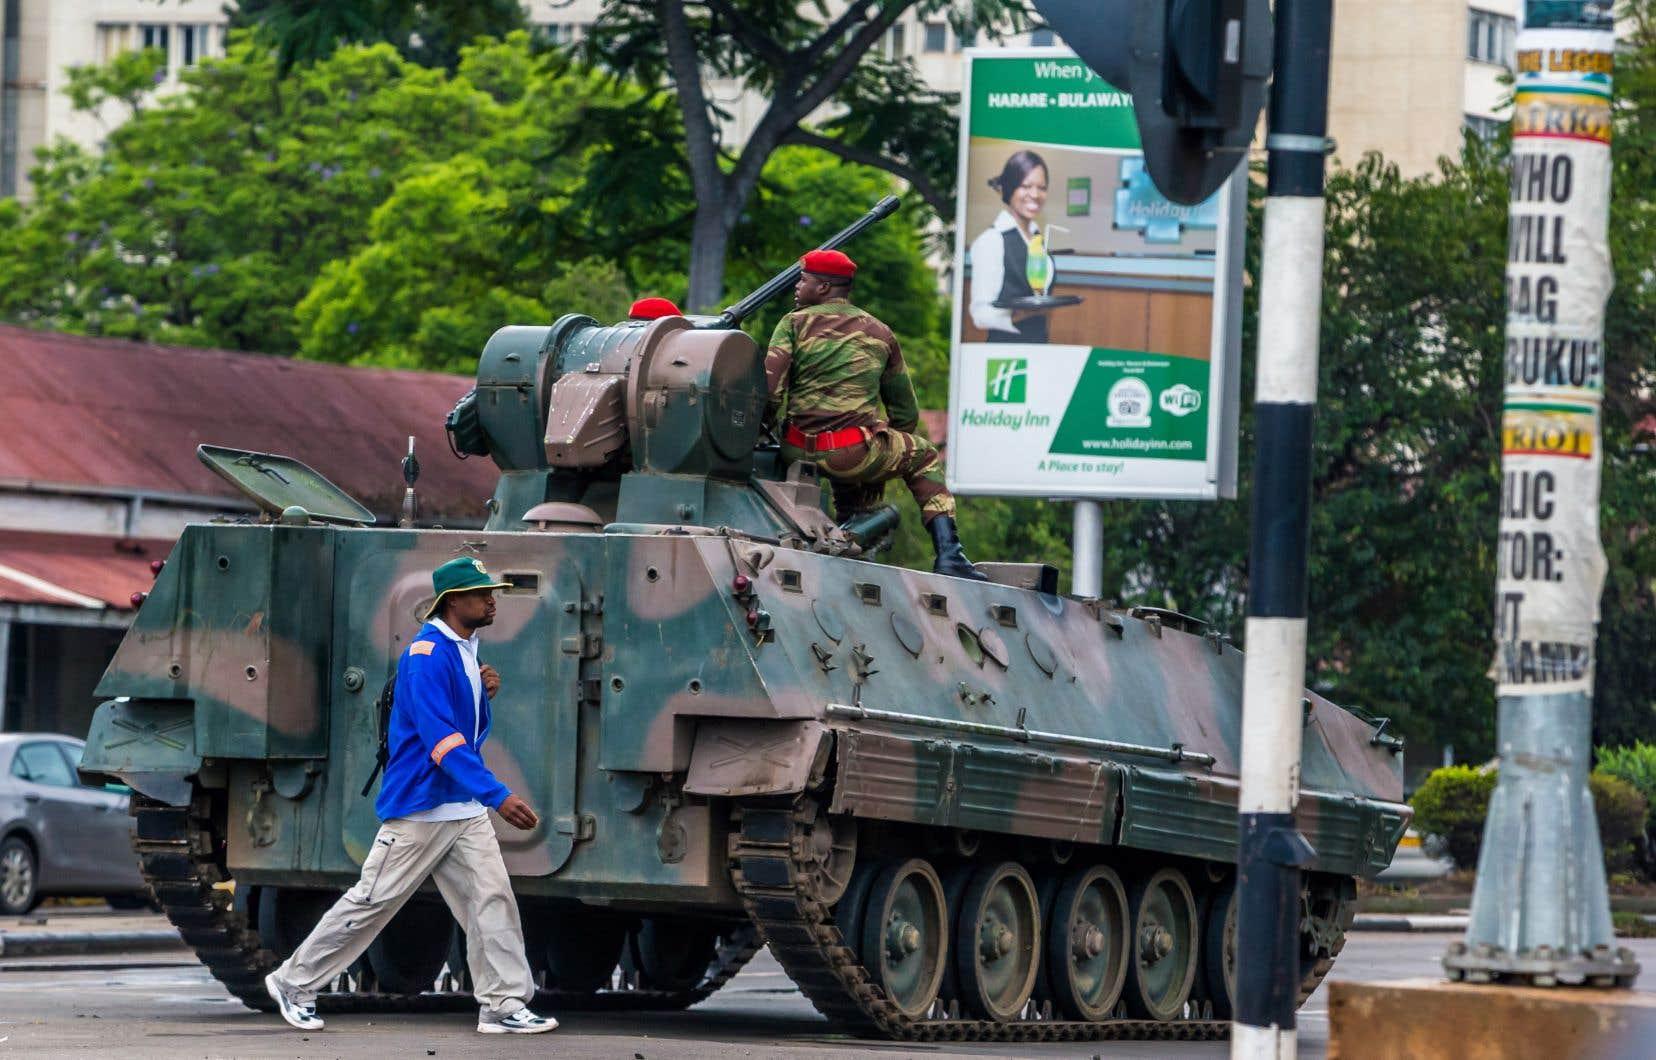 Les habitants de la capitale, Harare, ont contribué au calme en vaquant à leurs occupations habituelles, en dépit de la présence dans les rues de soldats armés montés sur des blindés.